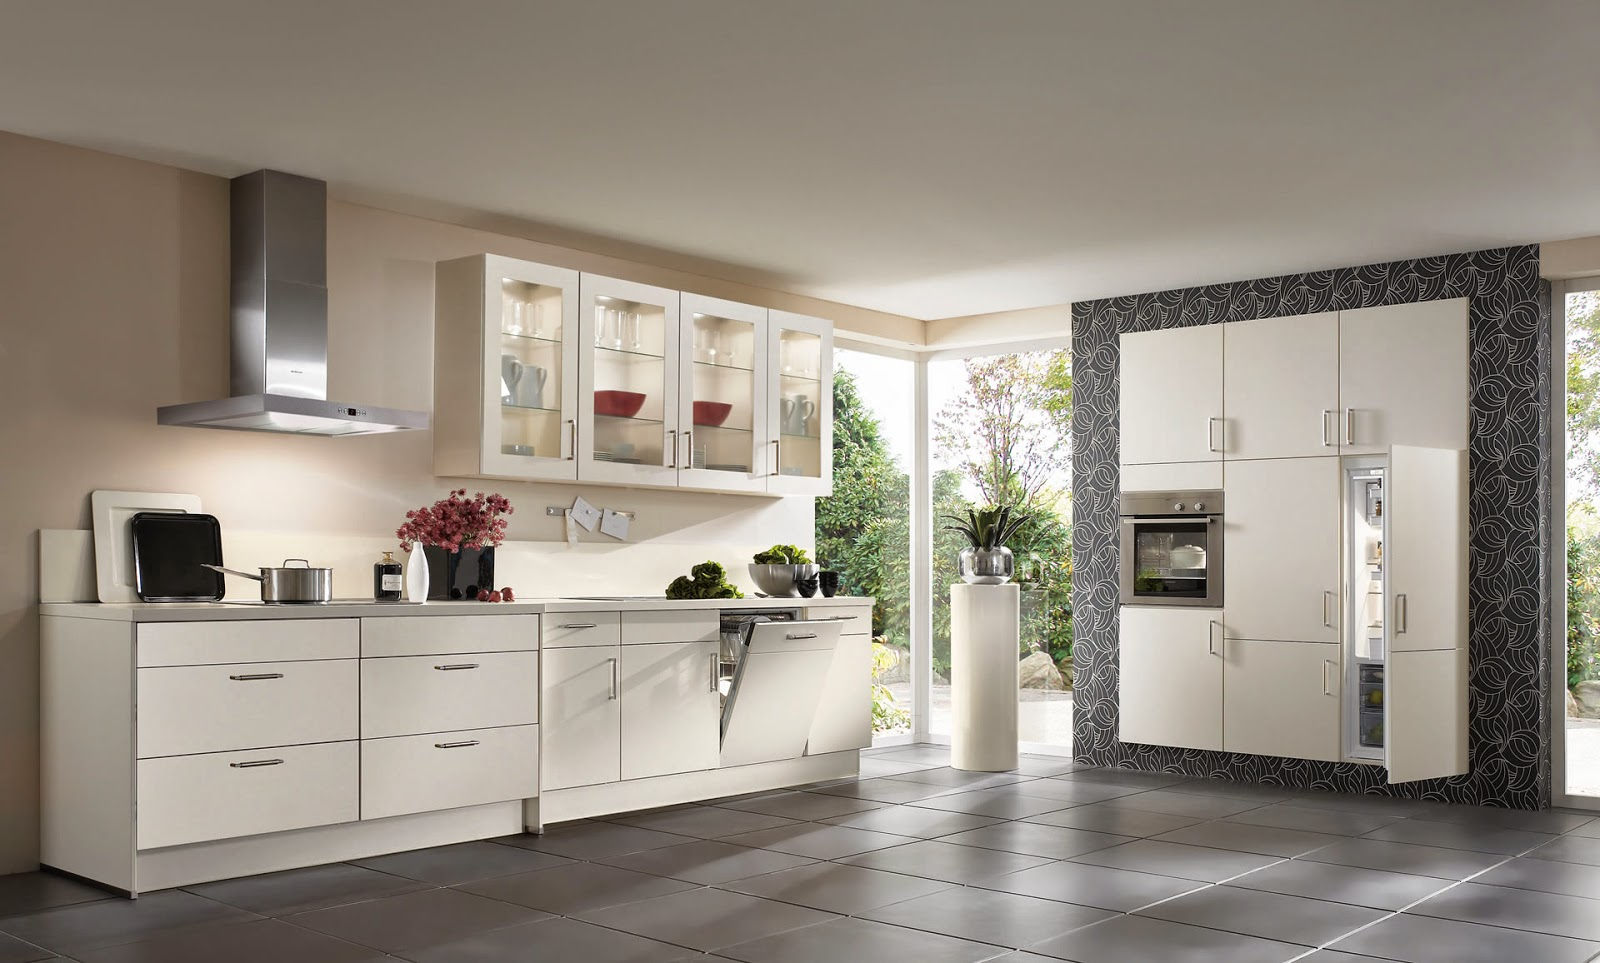 Soluciones fabricantes y marcas de cocinas nobilia for Marcas de cocinas